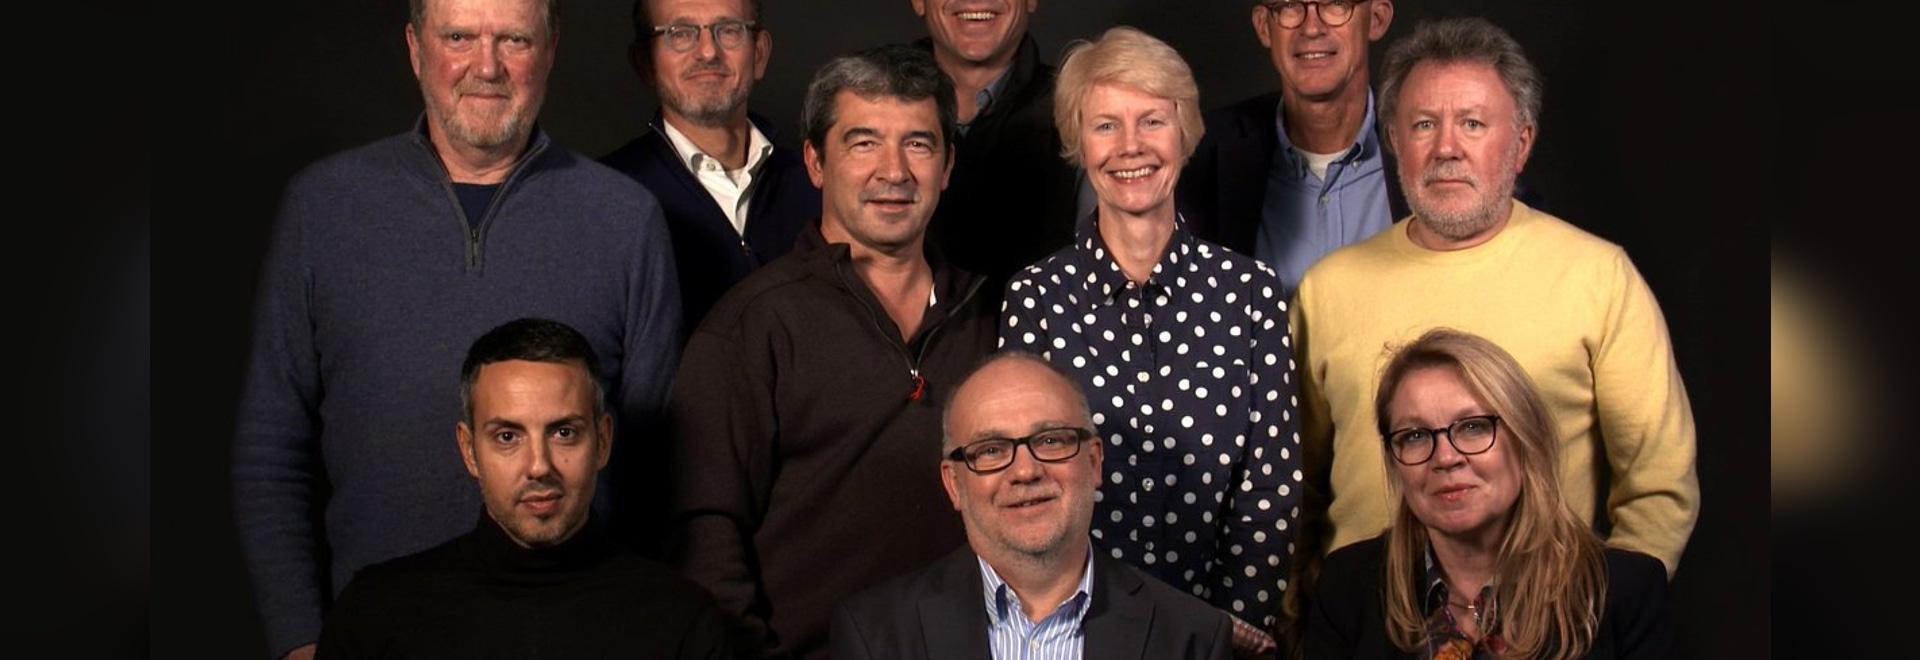 Le jury annonce le champ impressionnant des nominations pour DAME Design Award 2018